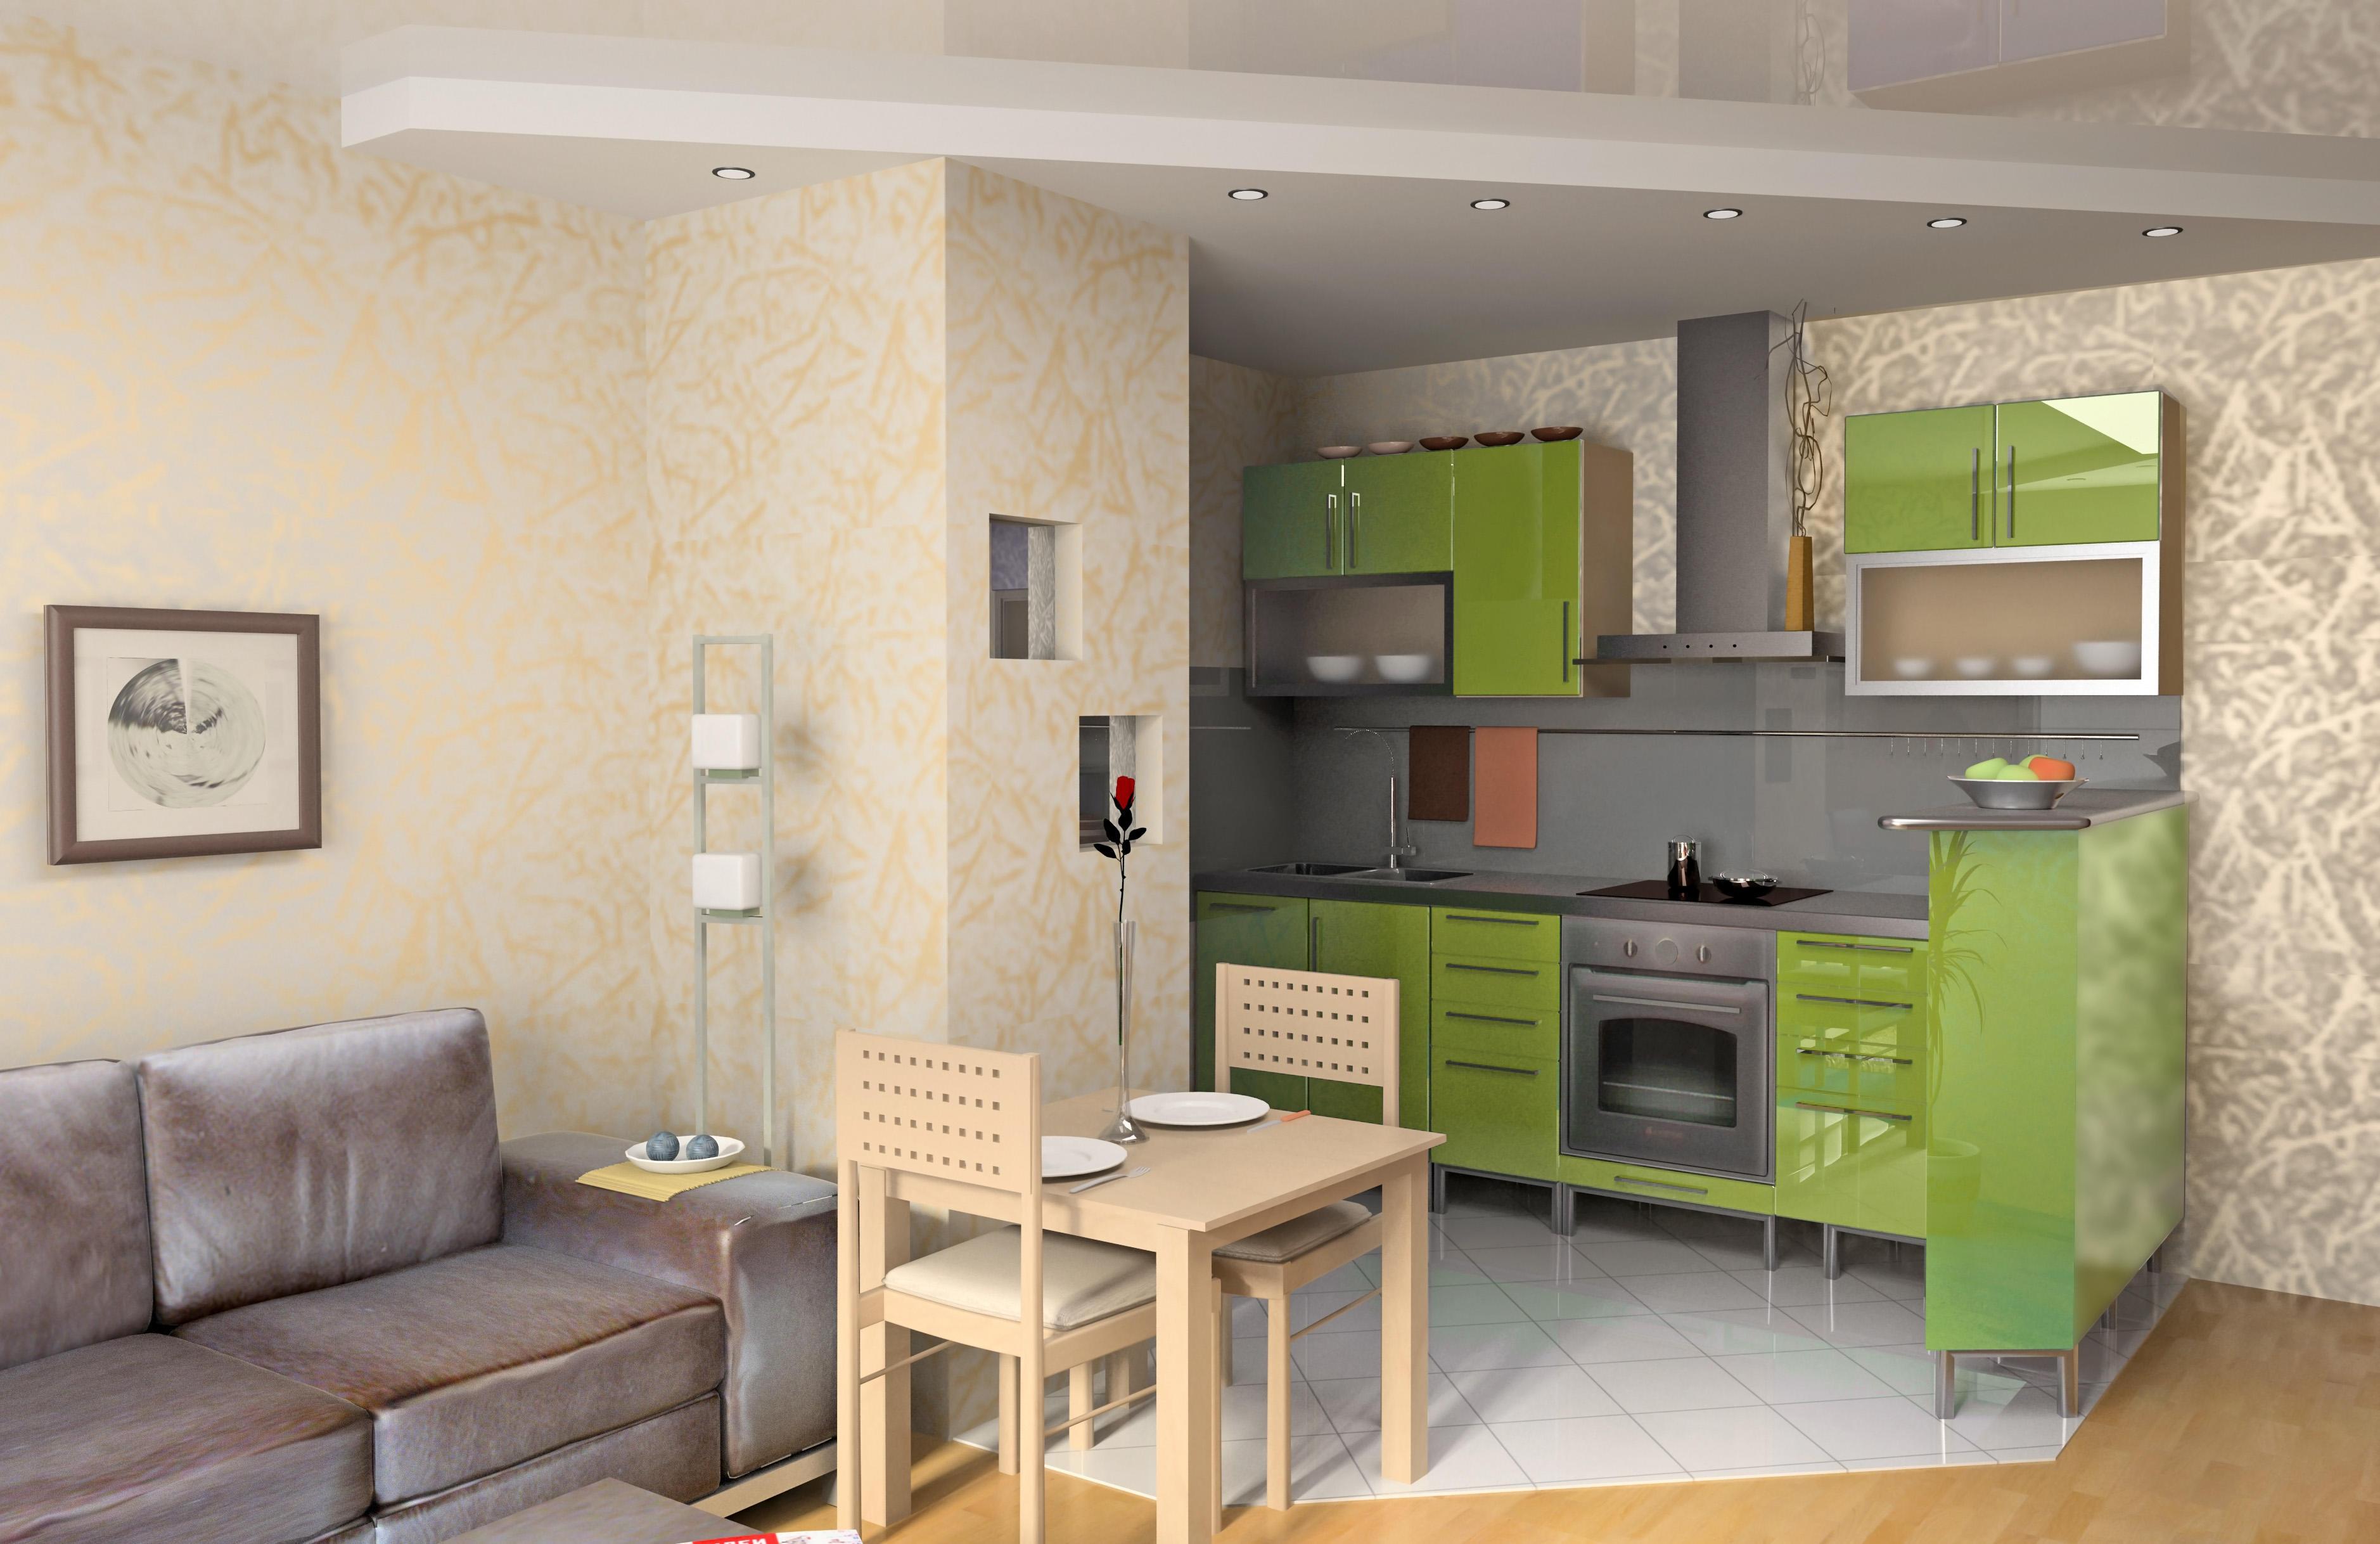 Квартиру с маленькой площадью можно сделать удобной и уютной